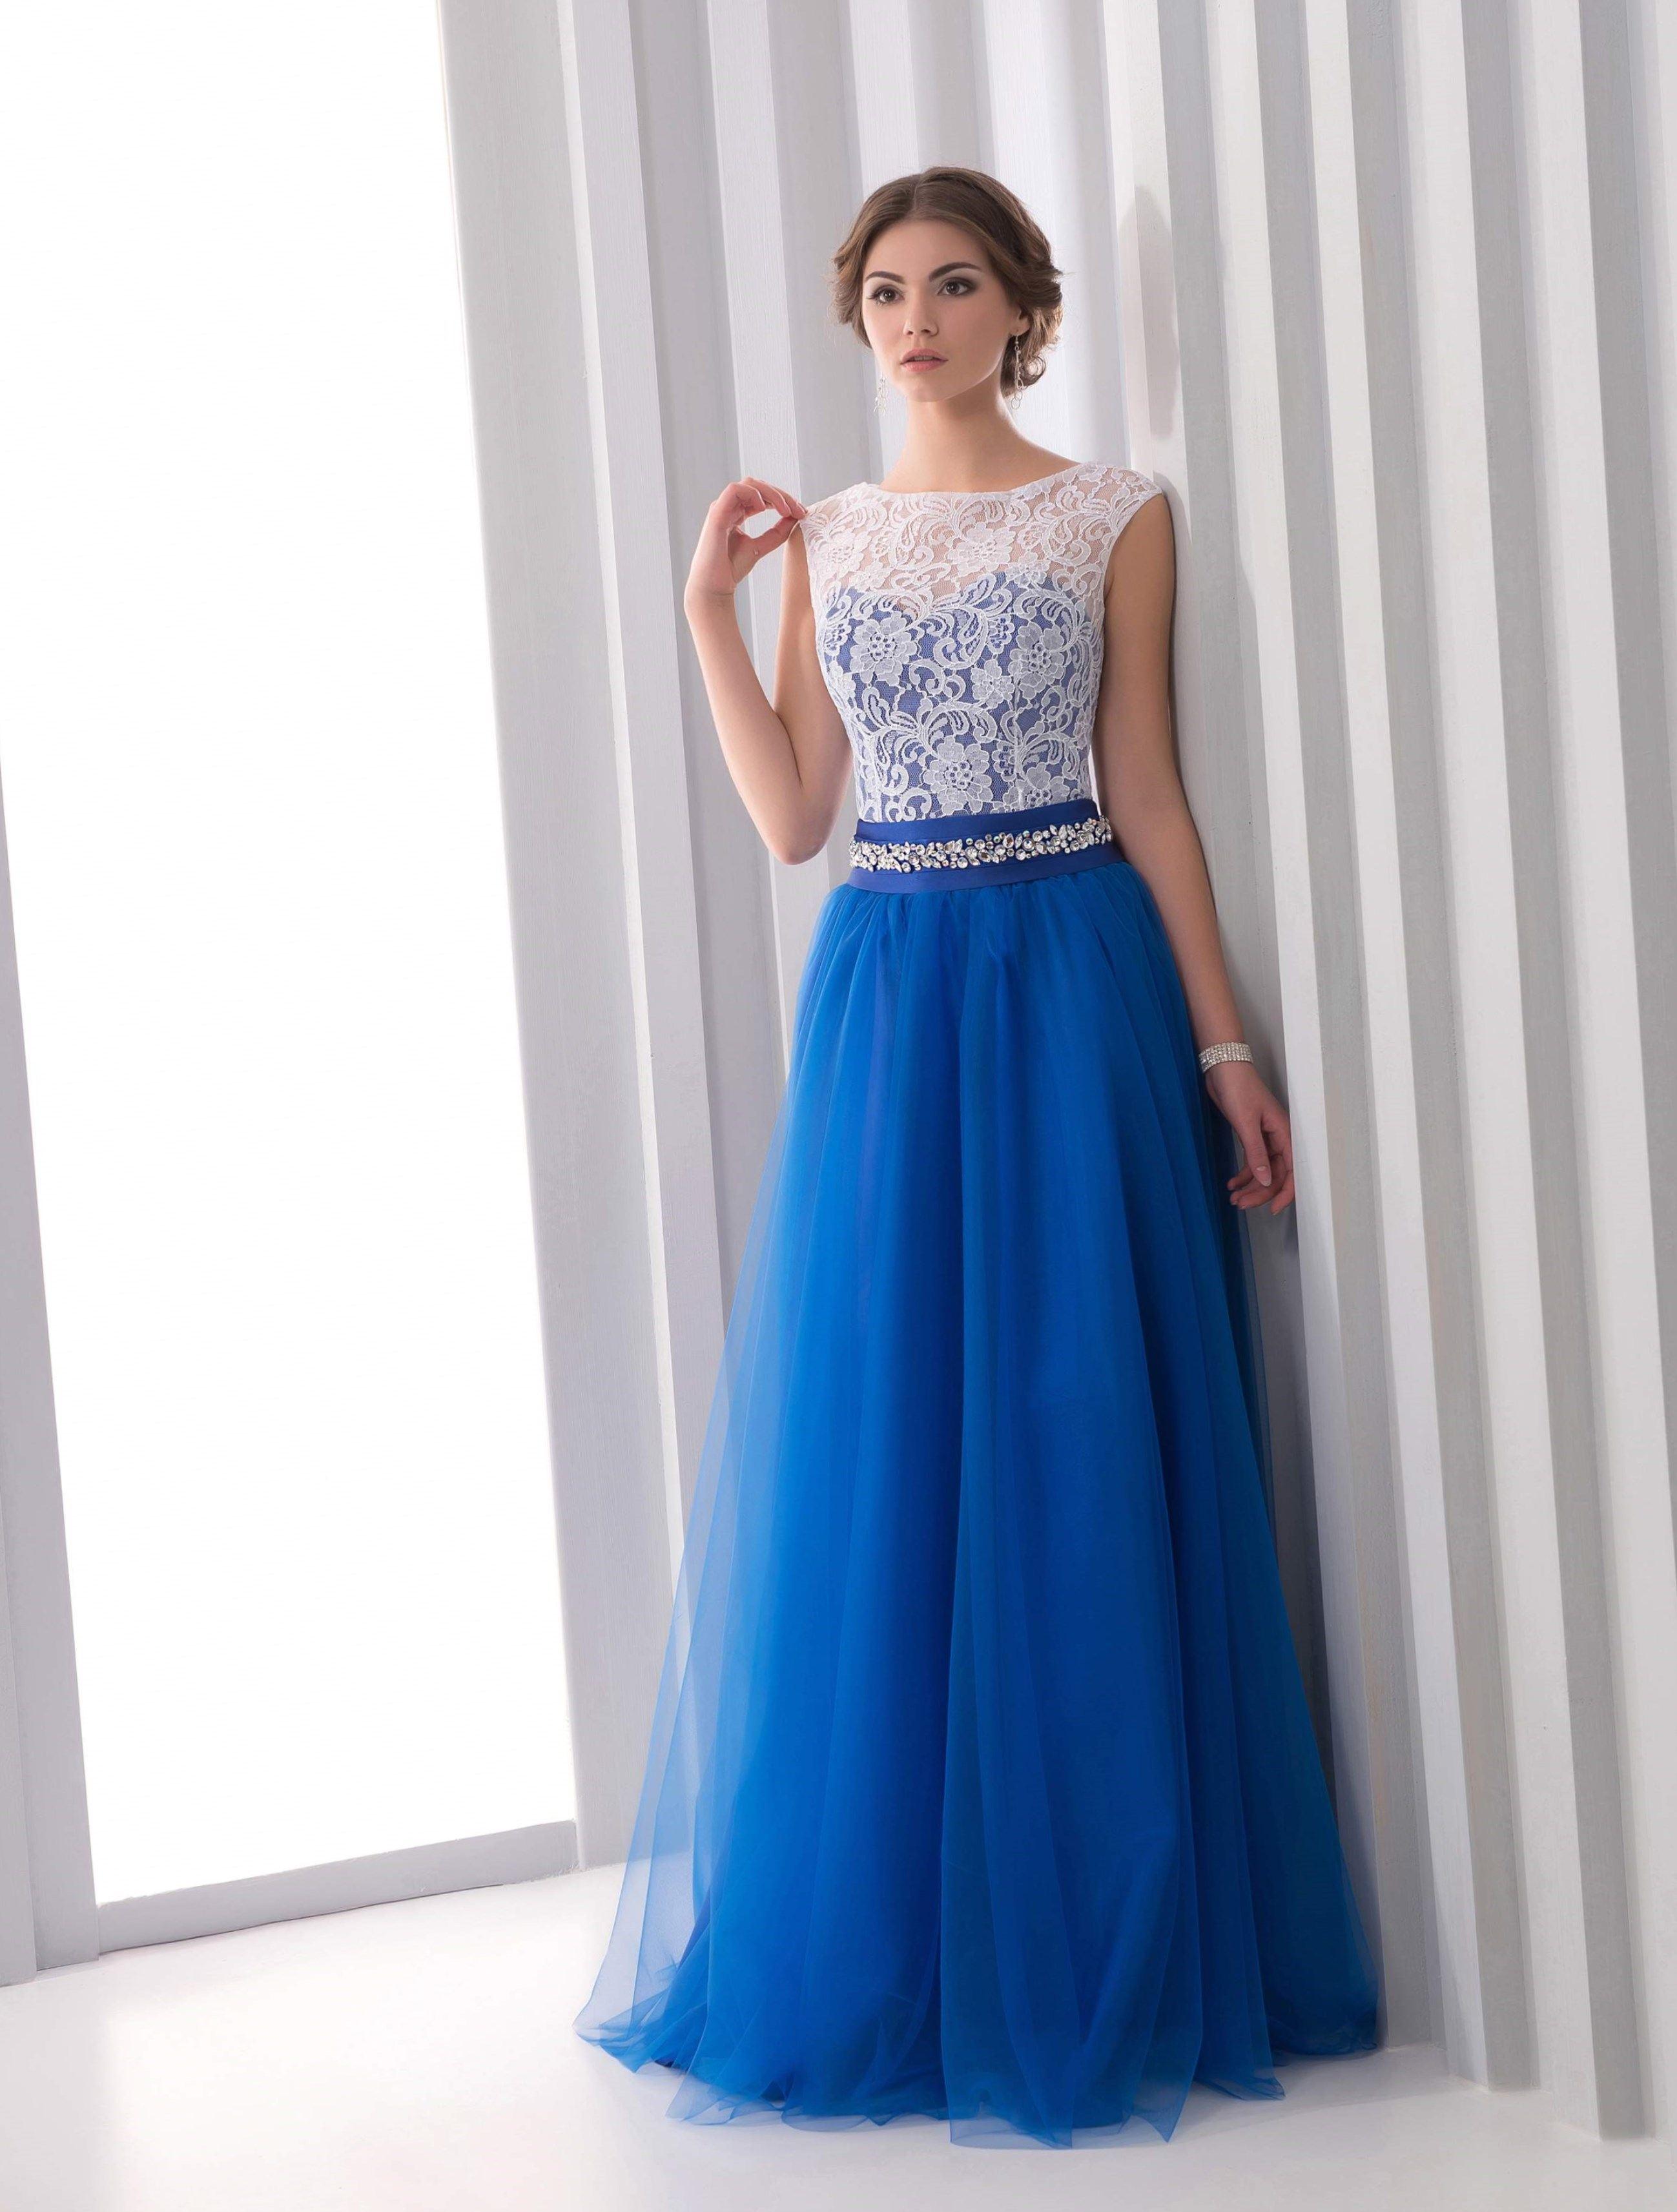 cadf2826df6 Выпускные платья с длинными рукавами и приталенным силуэтов выглядят очень  женственно и эффектно.